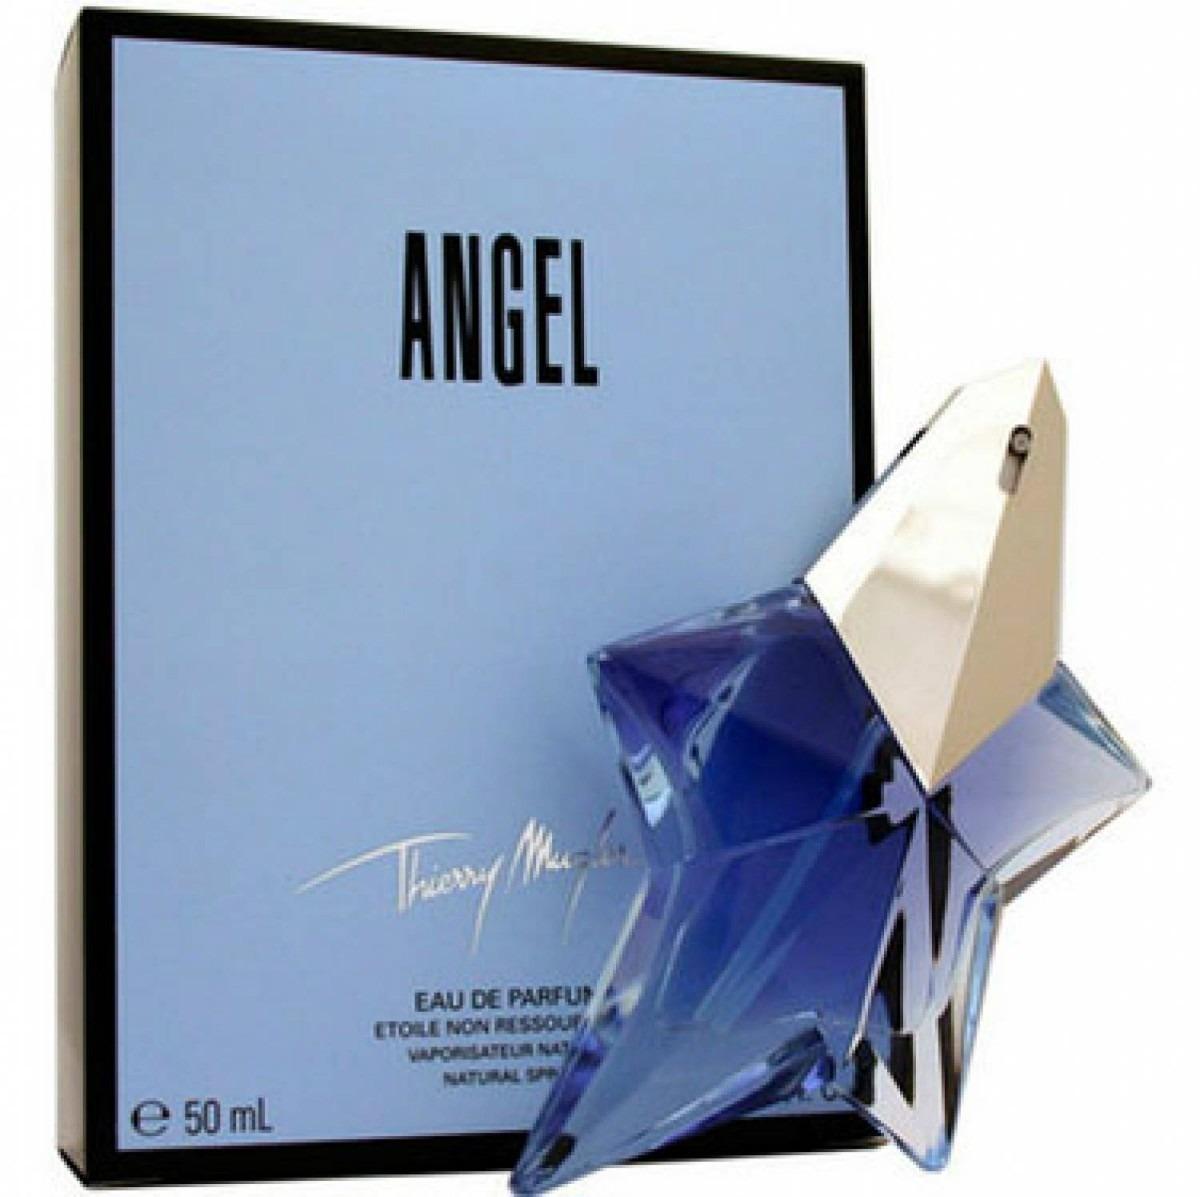 Negozio Di Sconti Onlineangel Perfume 50ml